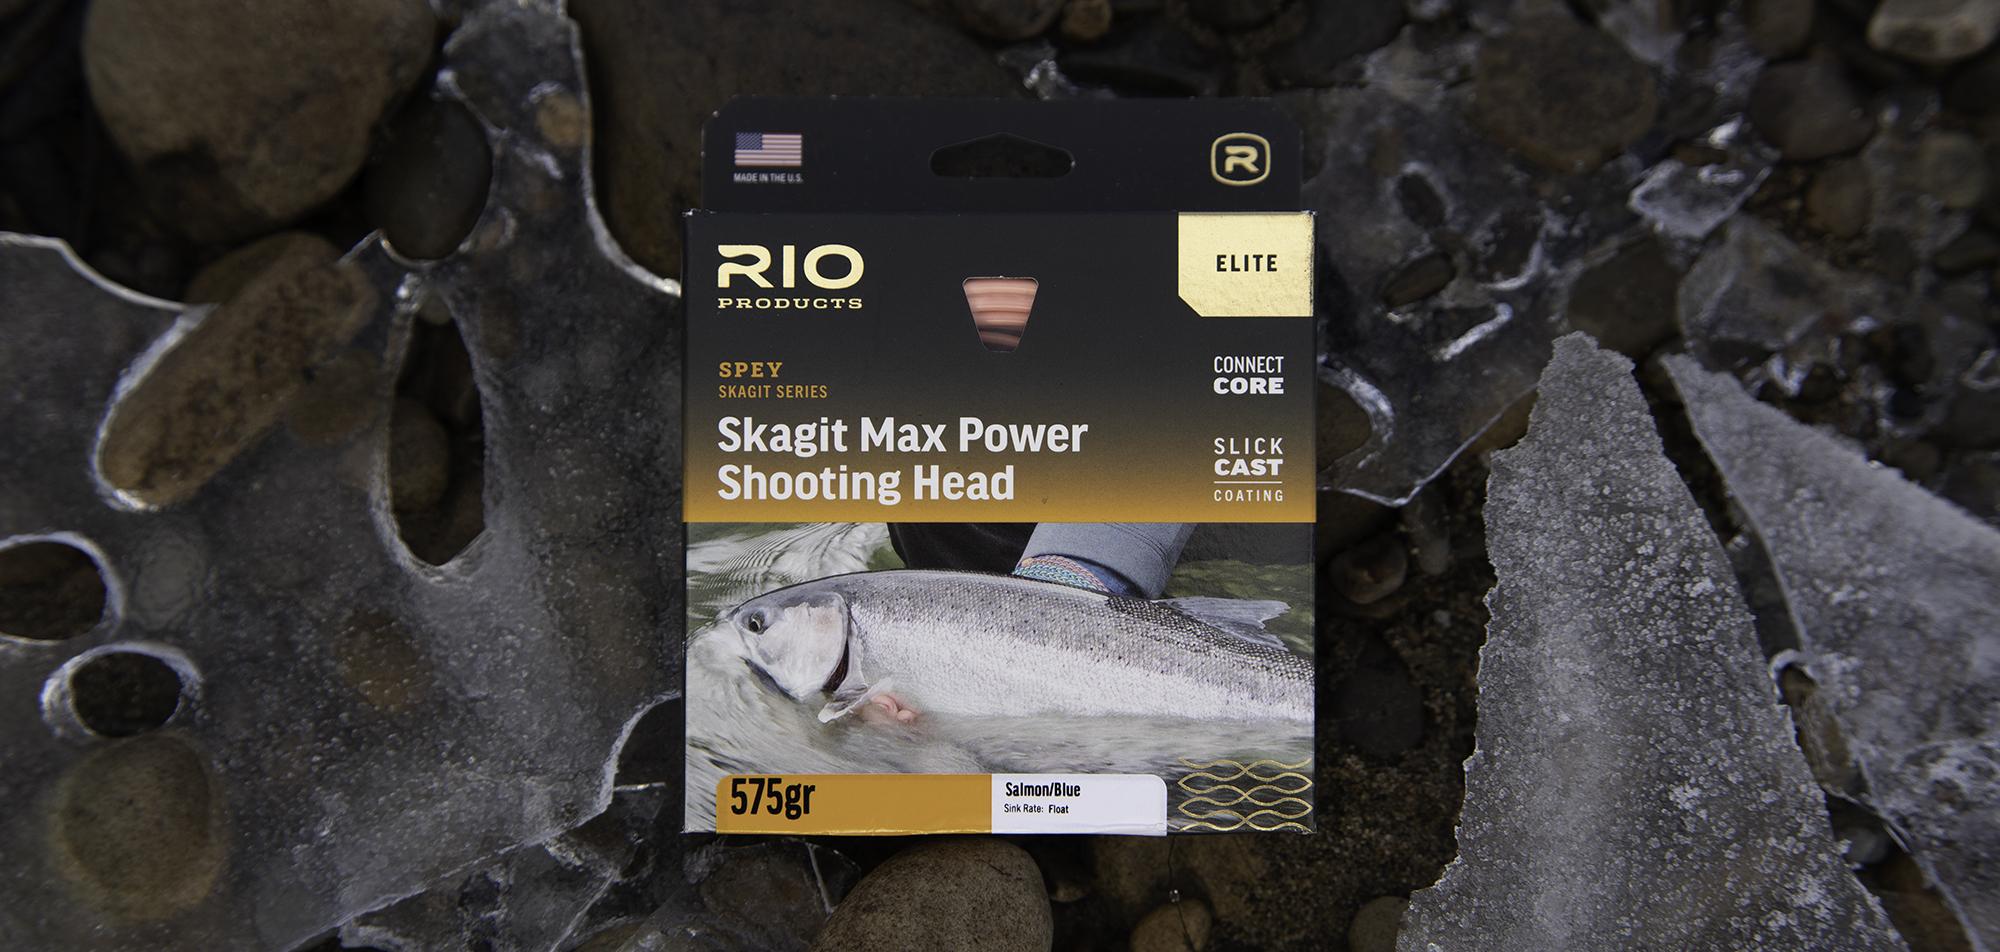 RIO Skagit Max Power Shooting Head